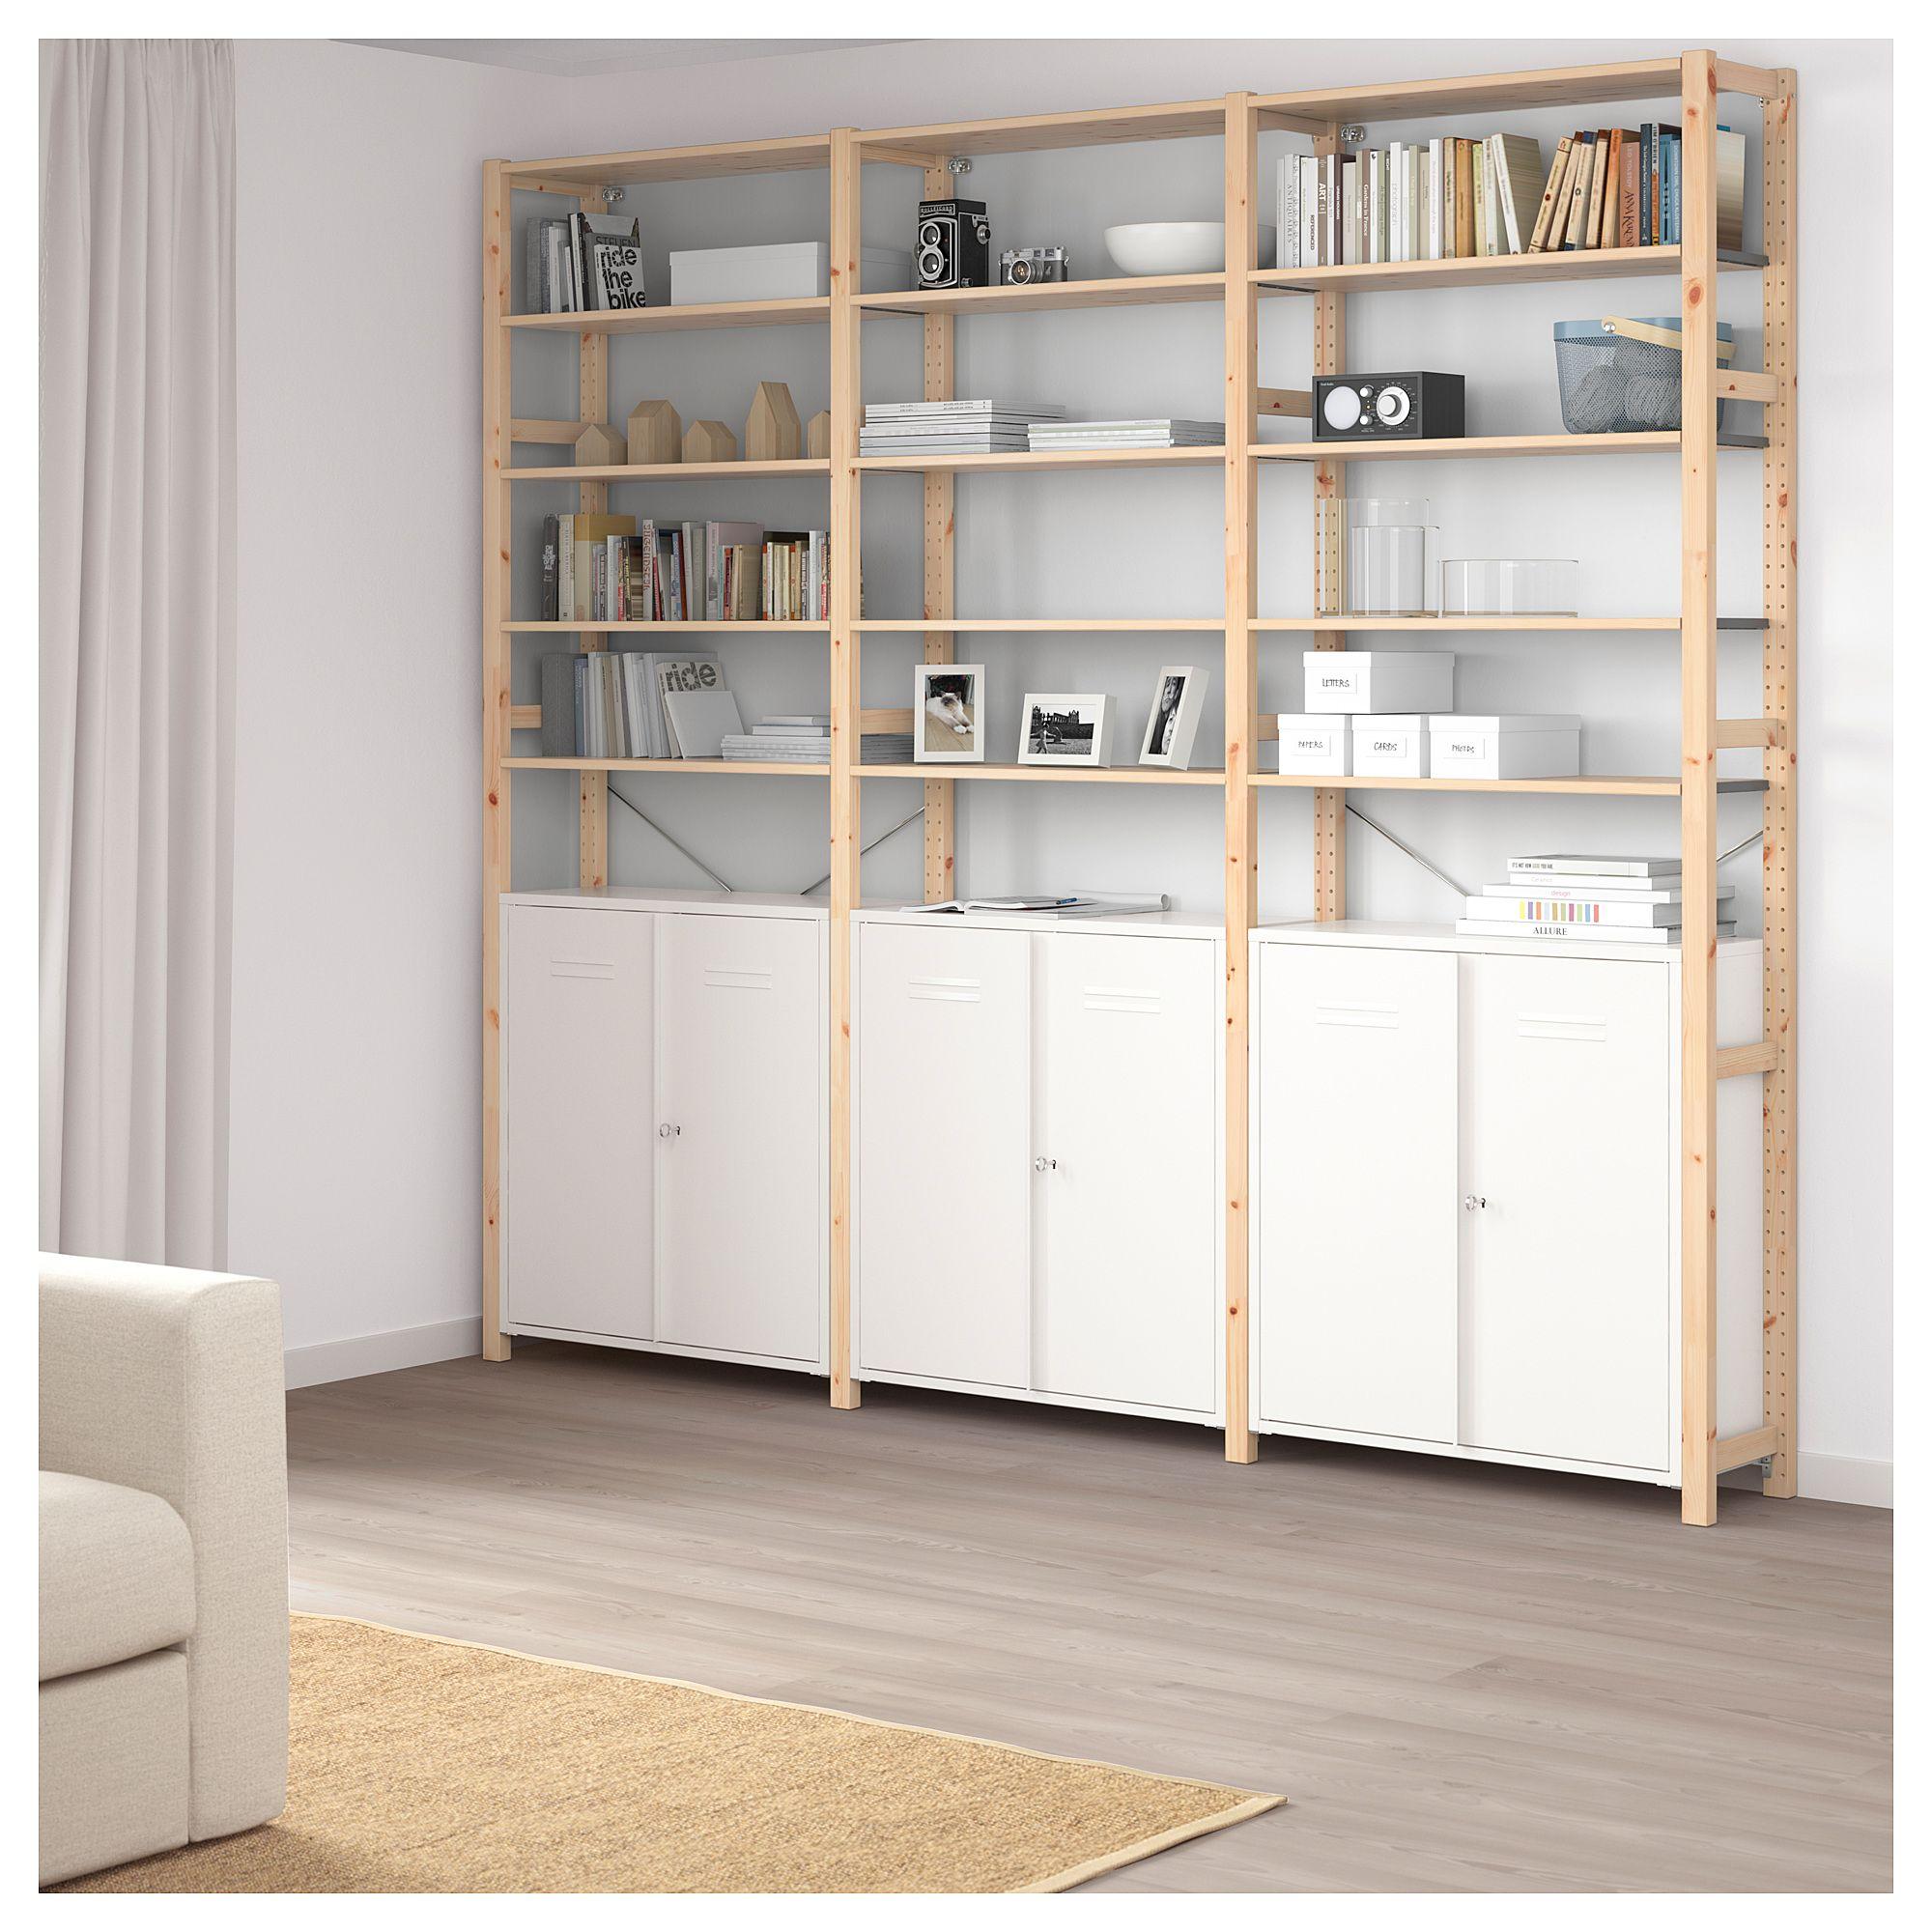 Küchensysteme | Bei Ikea Geplante Küche Aufrufen